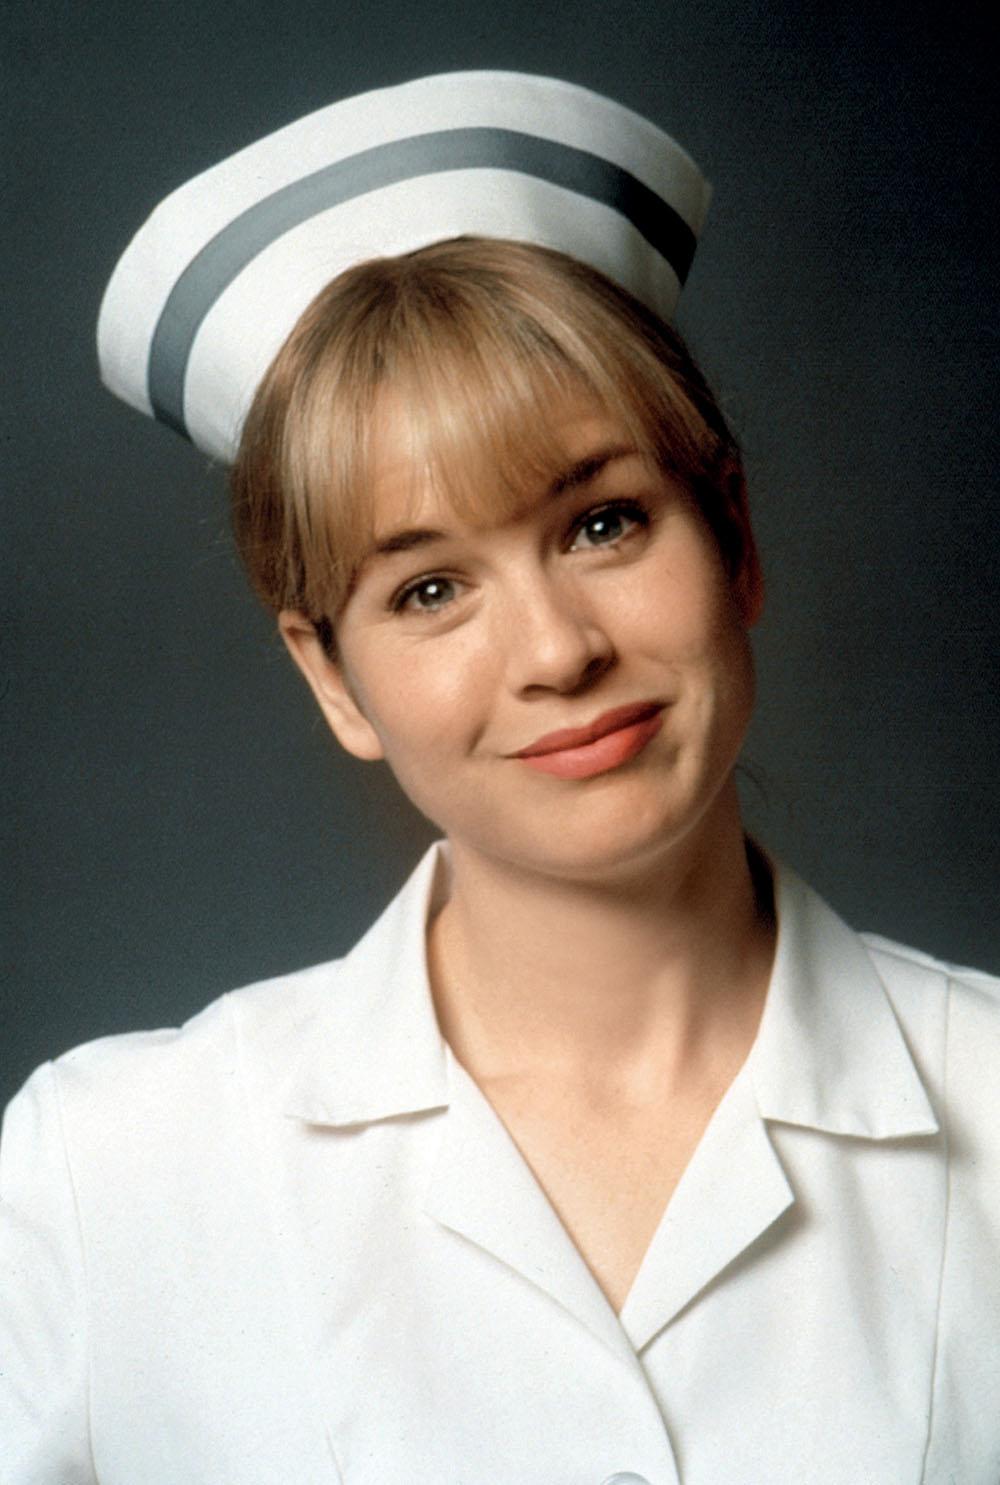 Кадр из фильма «Сестричка Бетти», 2000 г.